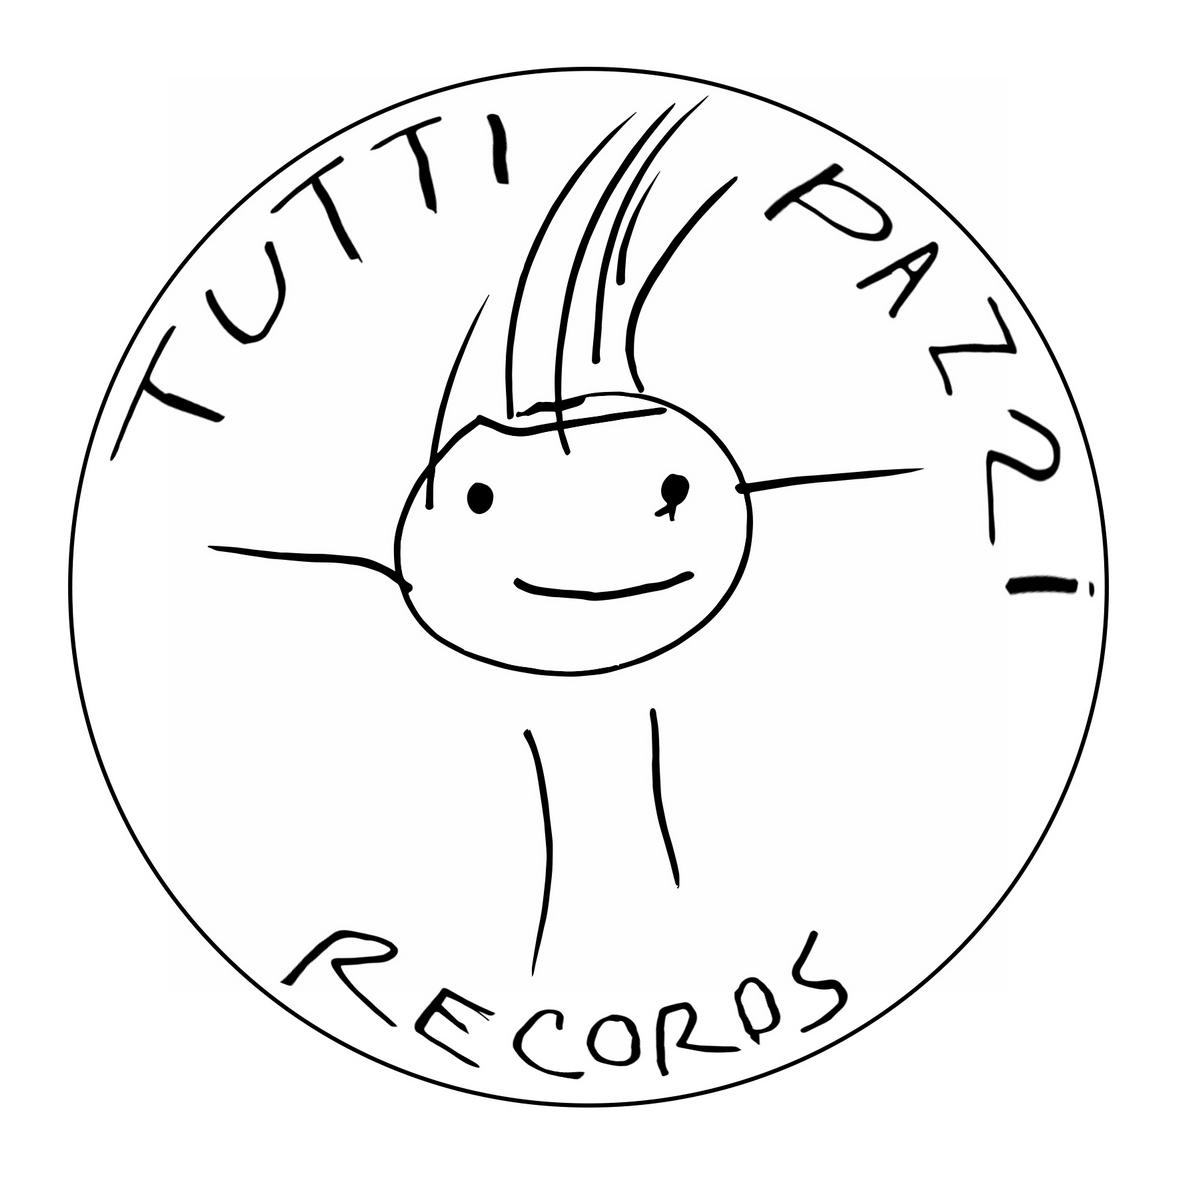 TUTTI PAZZI RECORDS